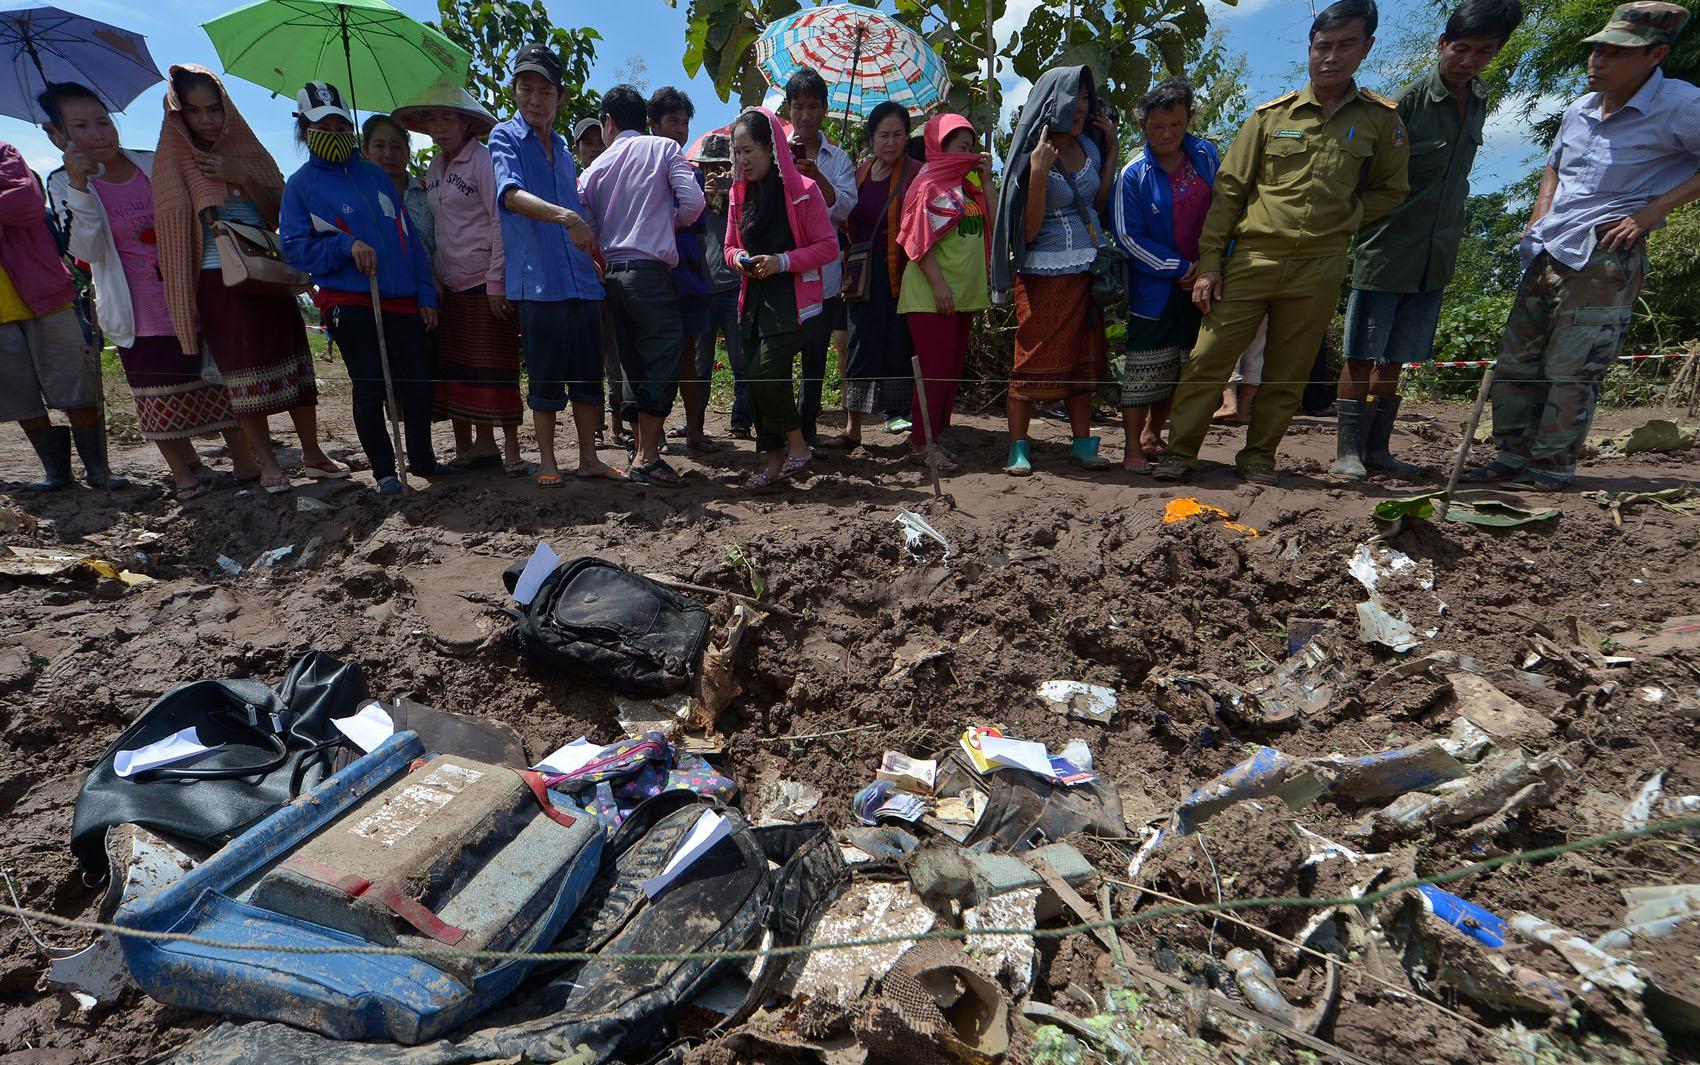 Moradores observam nesta quinta-feira (17) destroços do avião acidentado no Rio Mekong, no Laos